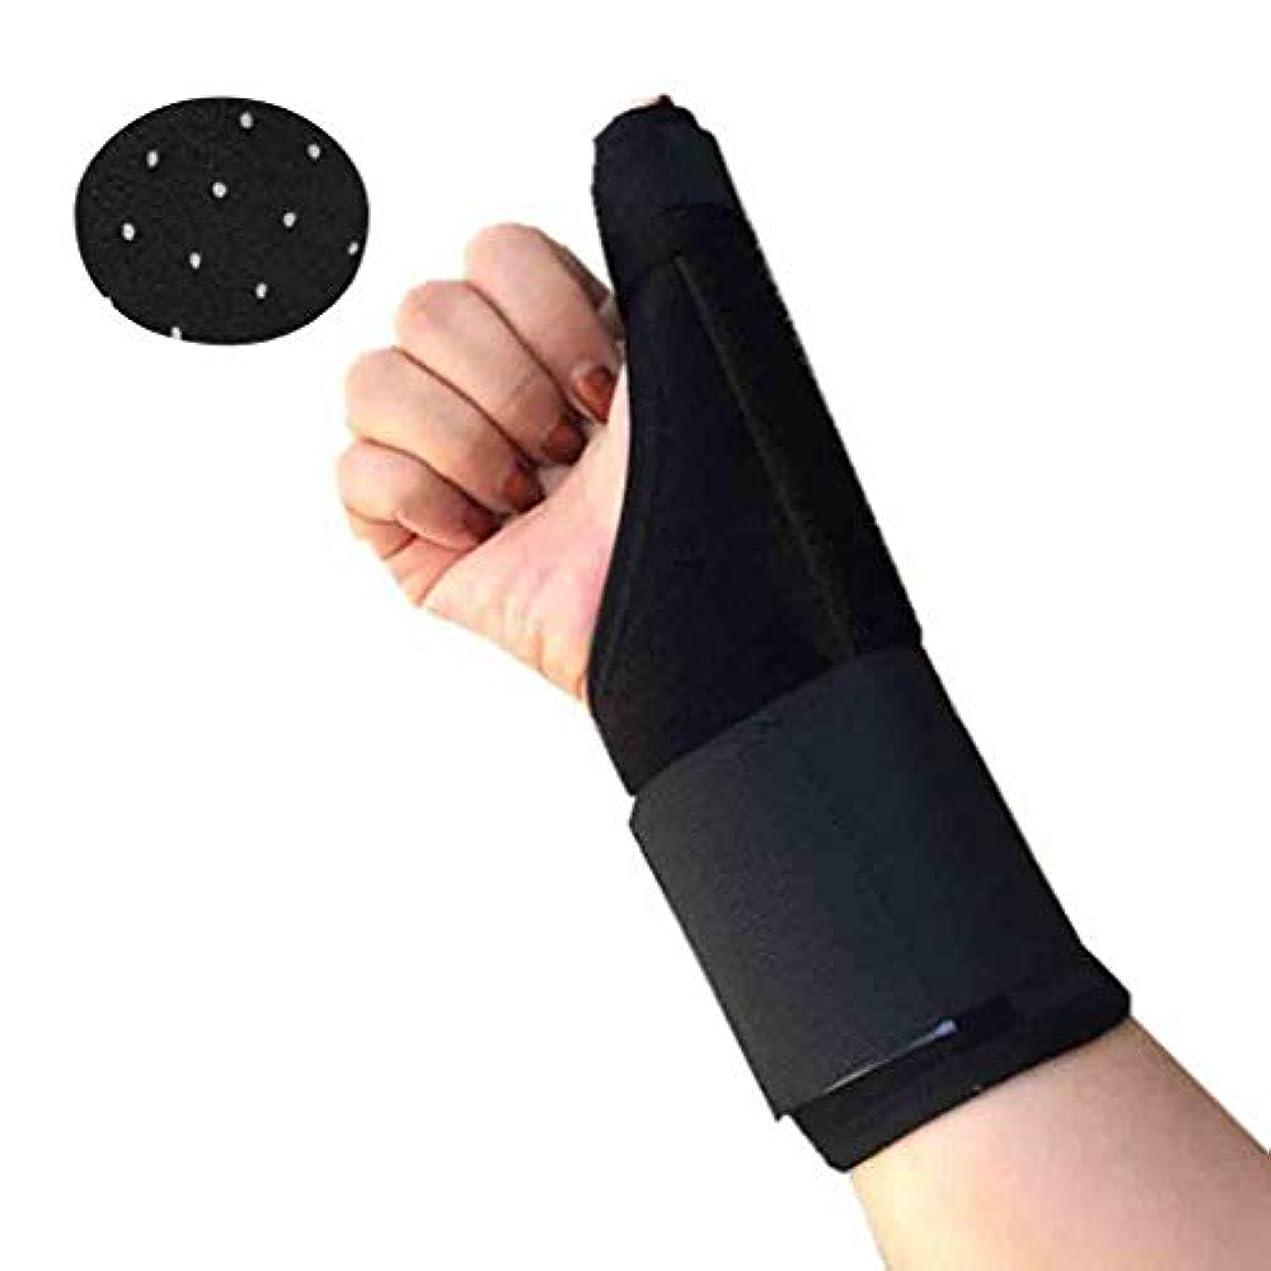 関節炎のThumbスプリントは、手根管トンネルのThumb関節Thumbブレースを固定する手首の痛みの救済は、右手と左手の両方にフィット Roscloud@